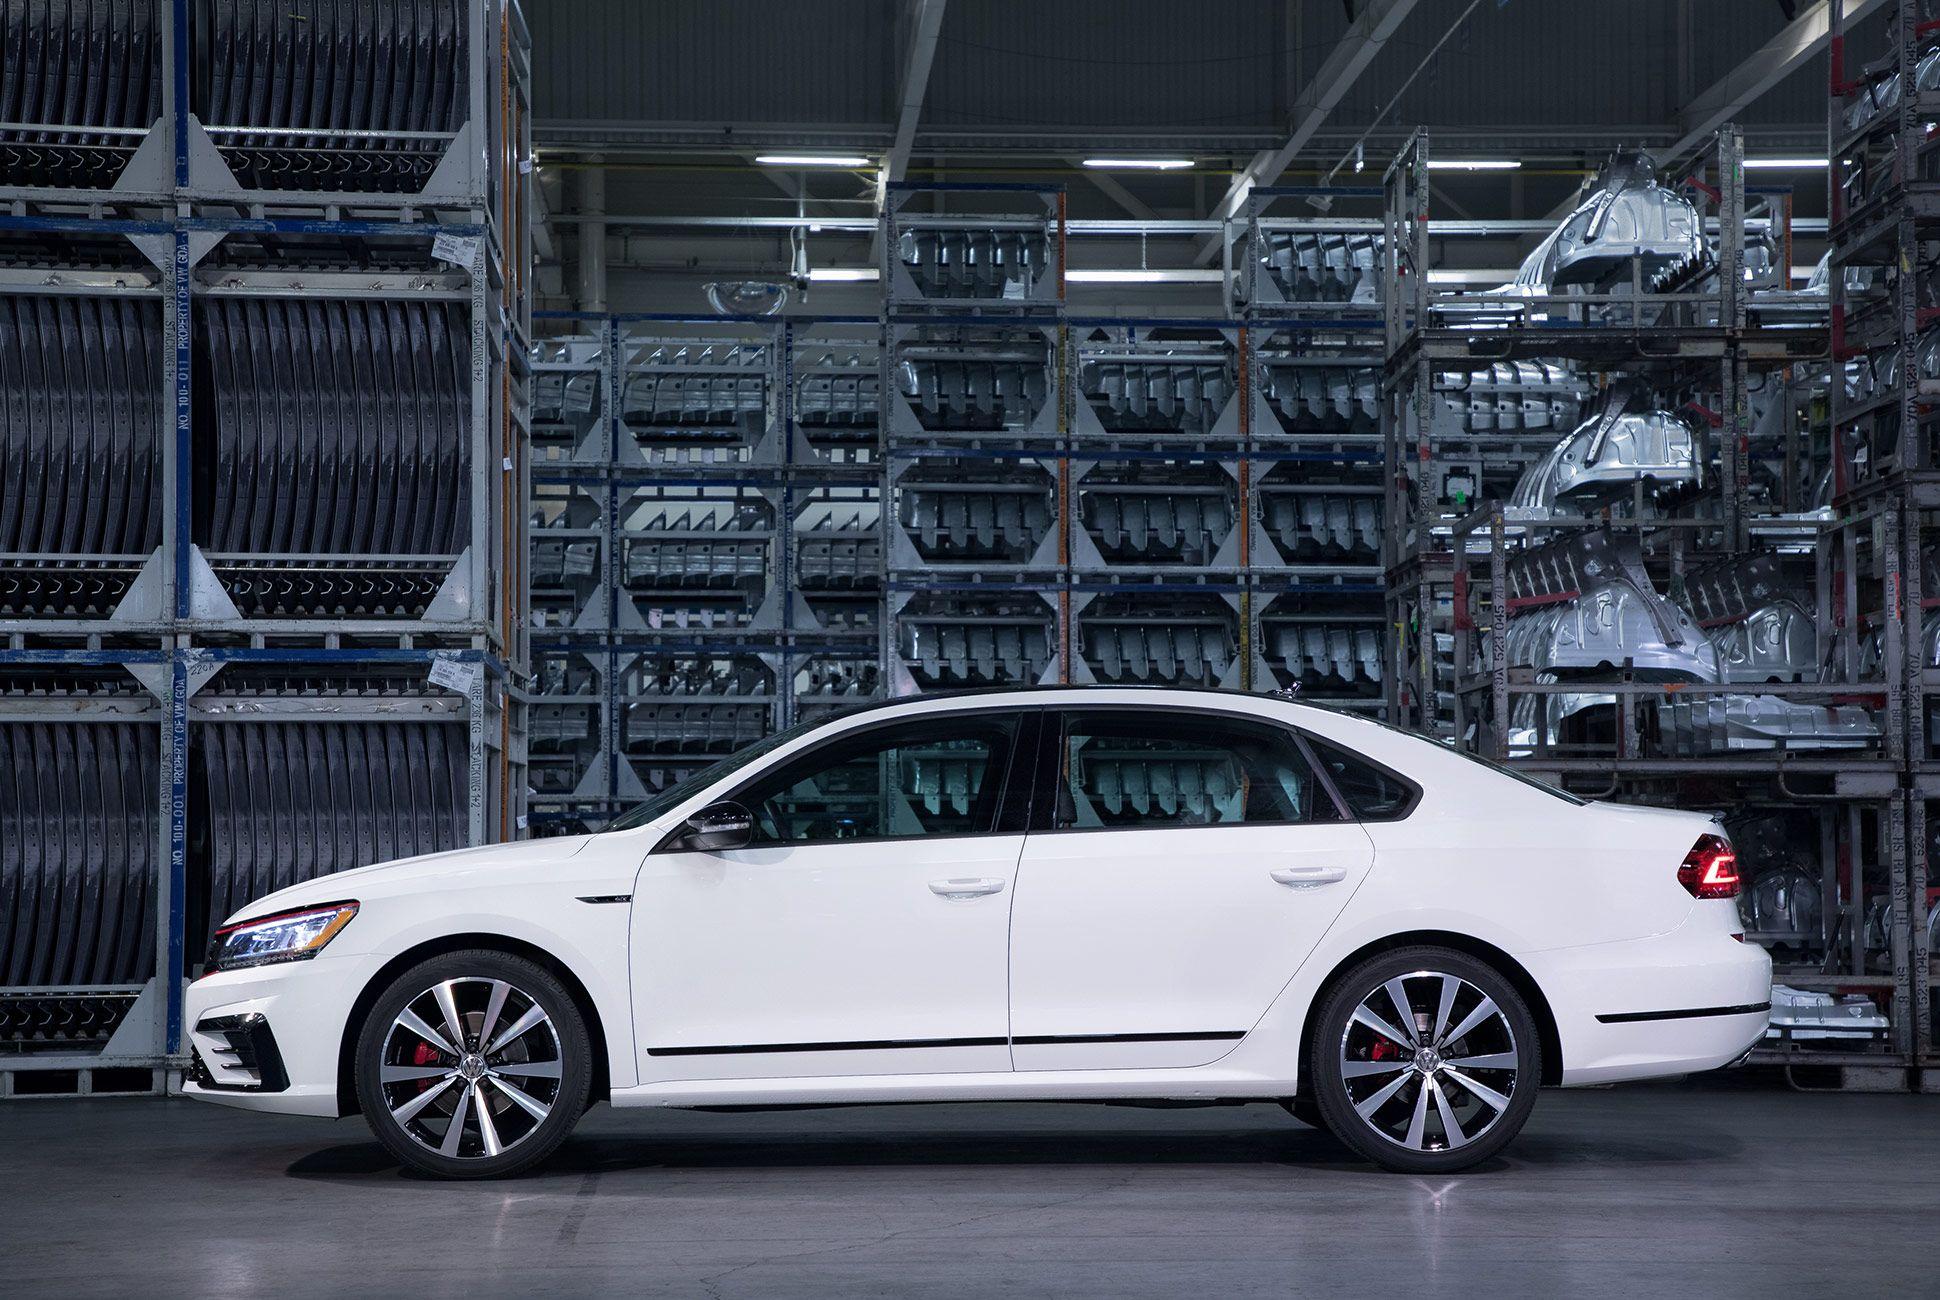 Volkswagen-GT-Passat-gear-patrol-6